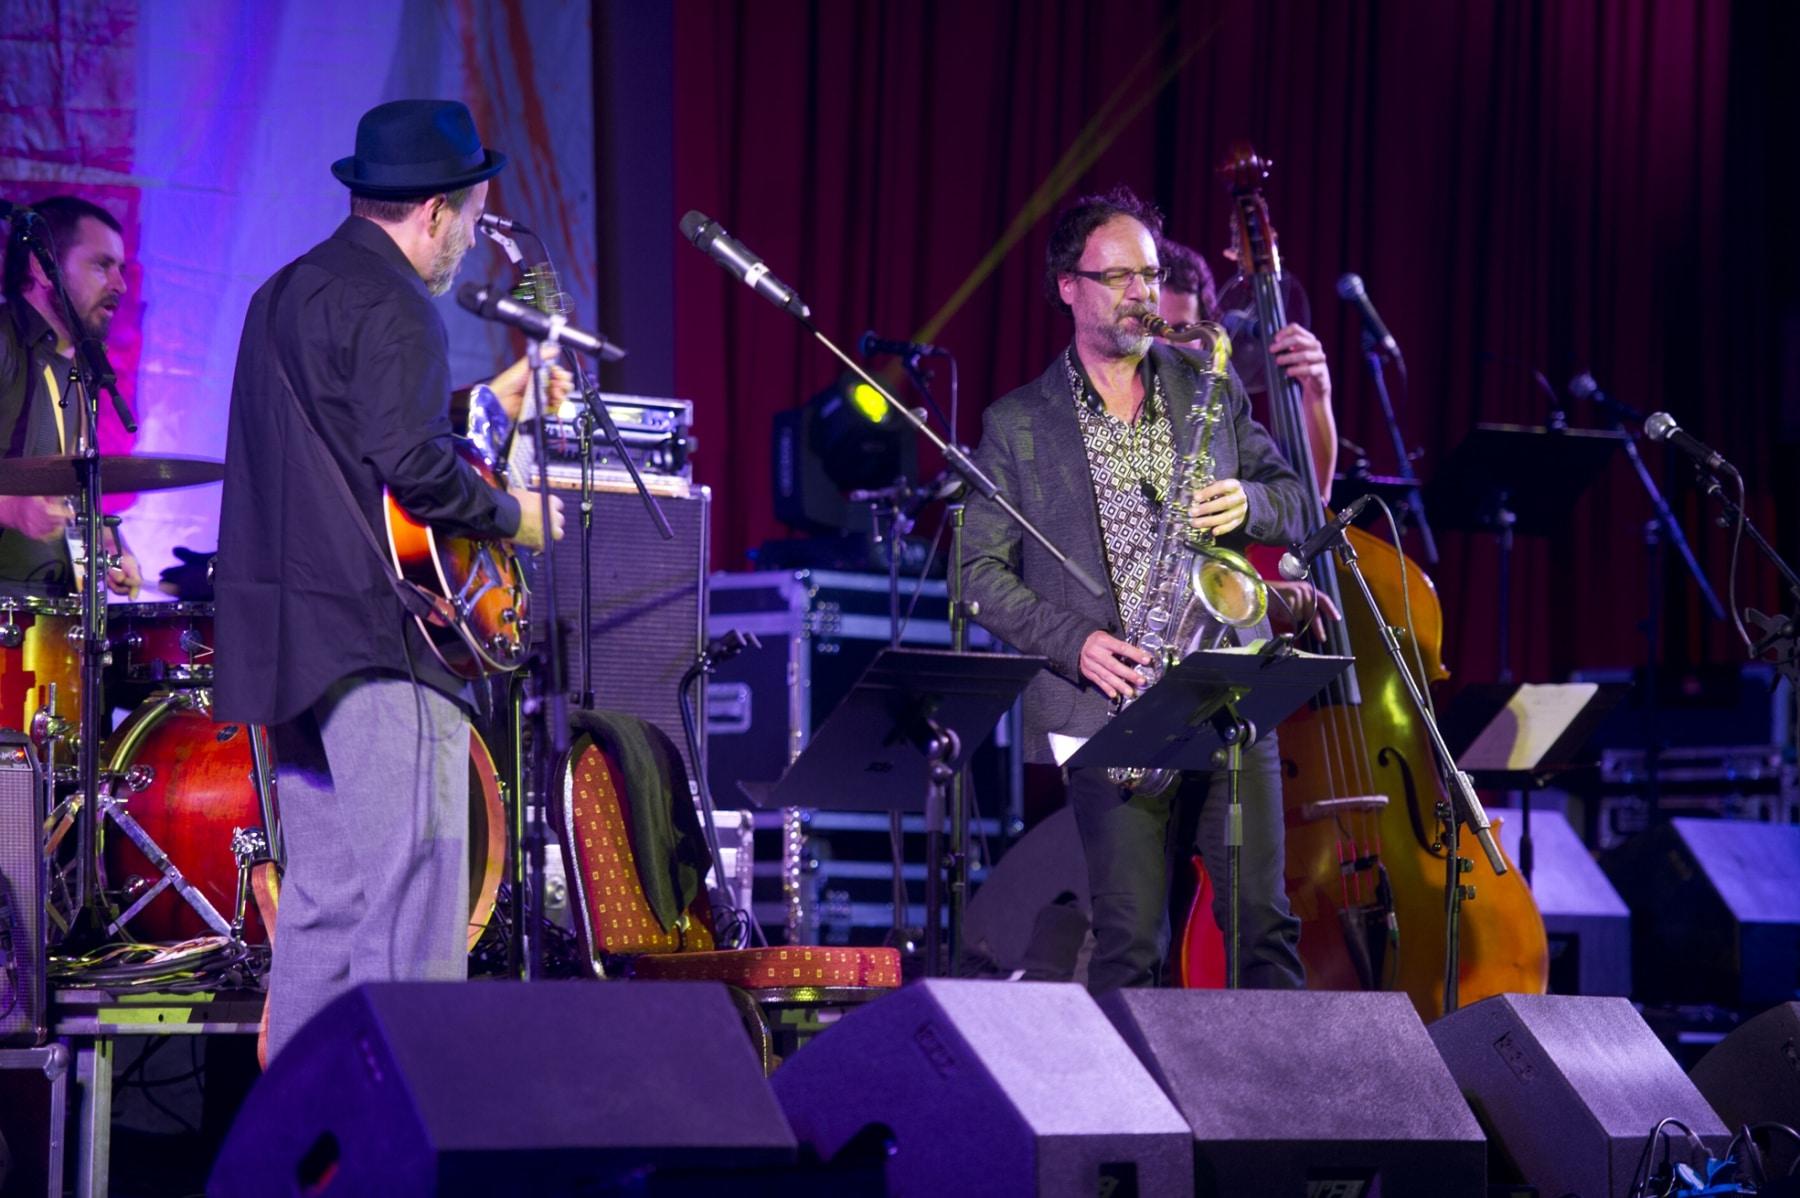 festival-internacional-de-jazz-gibraltar-25102014-30_15607269356_o